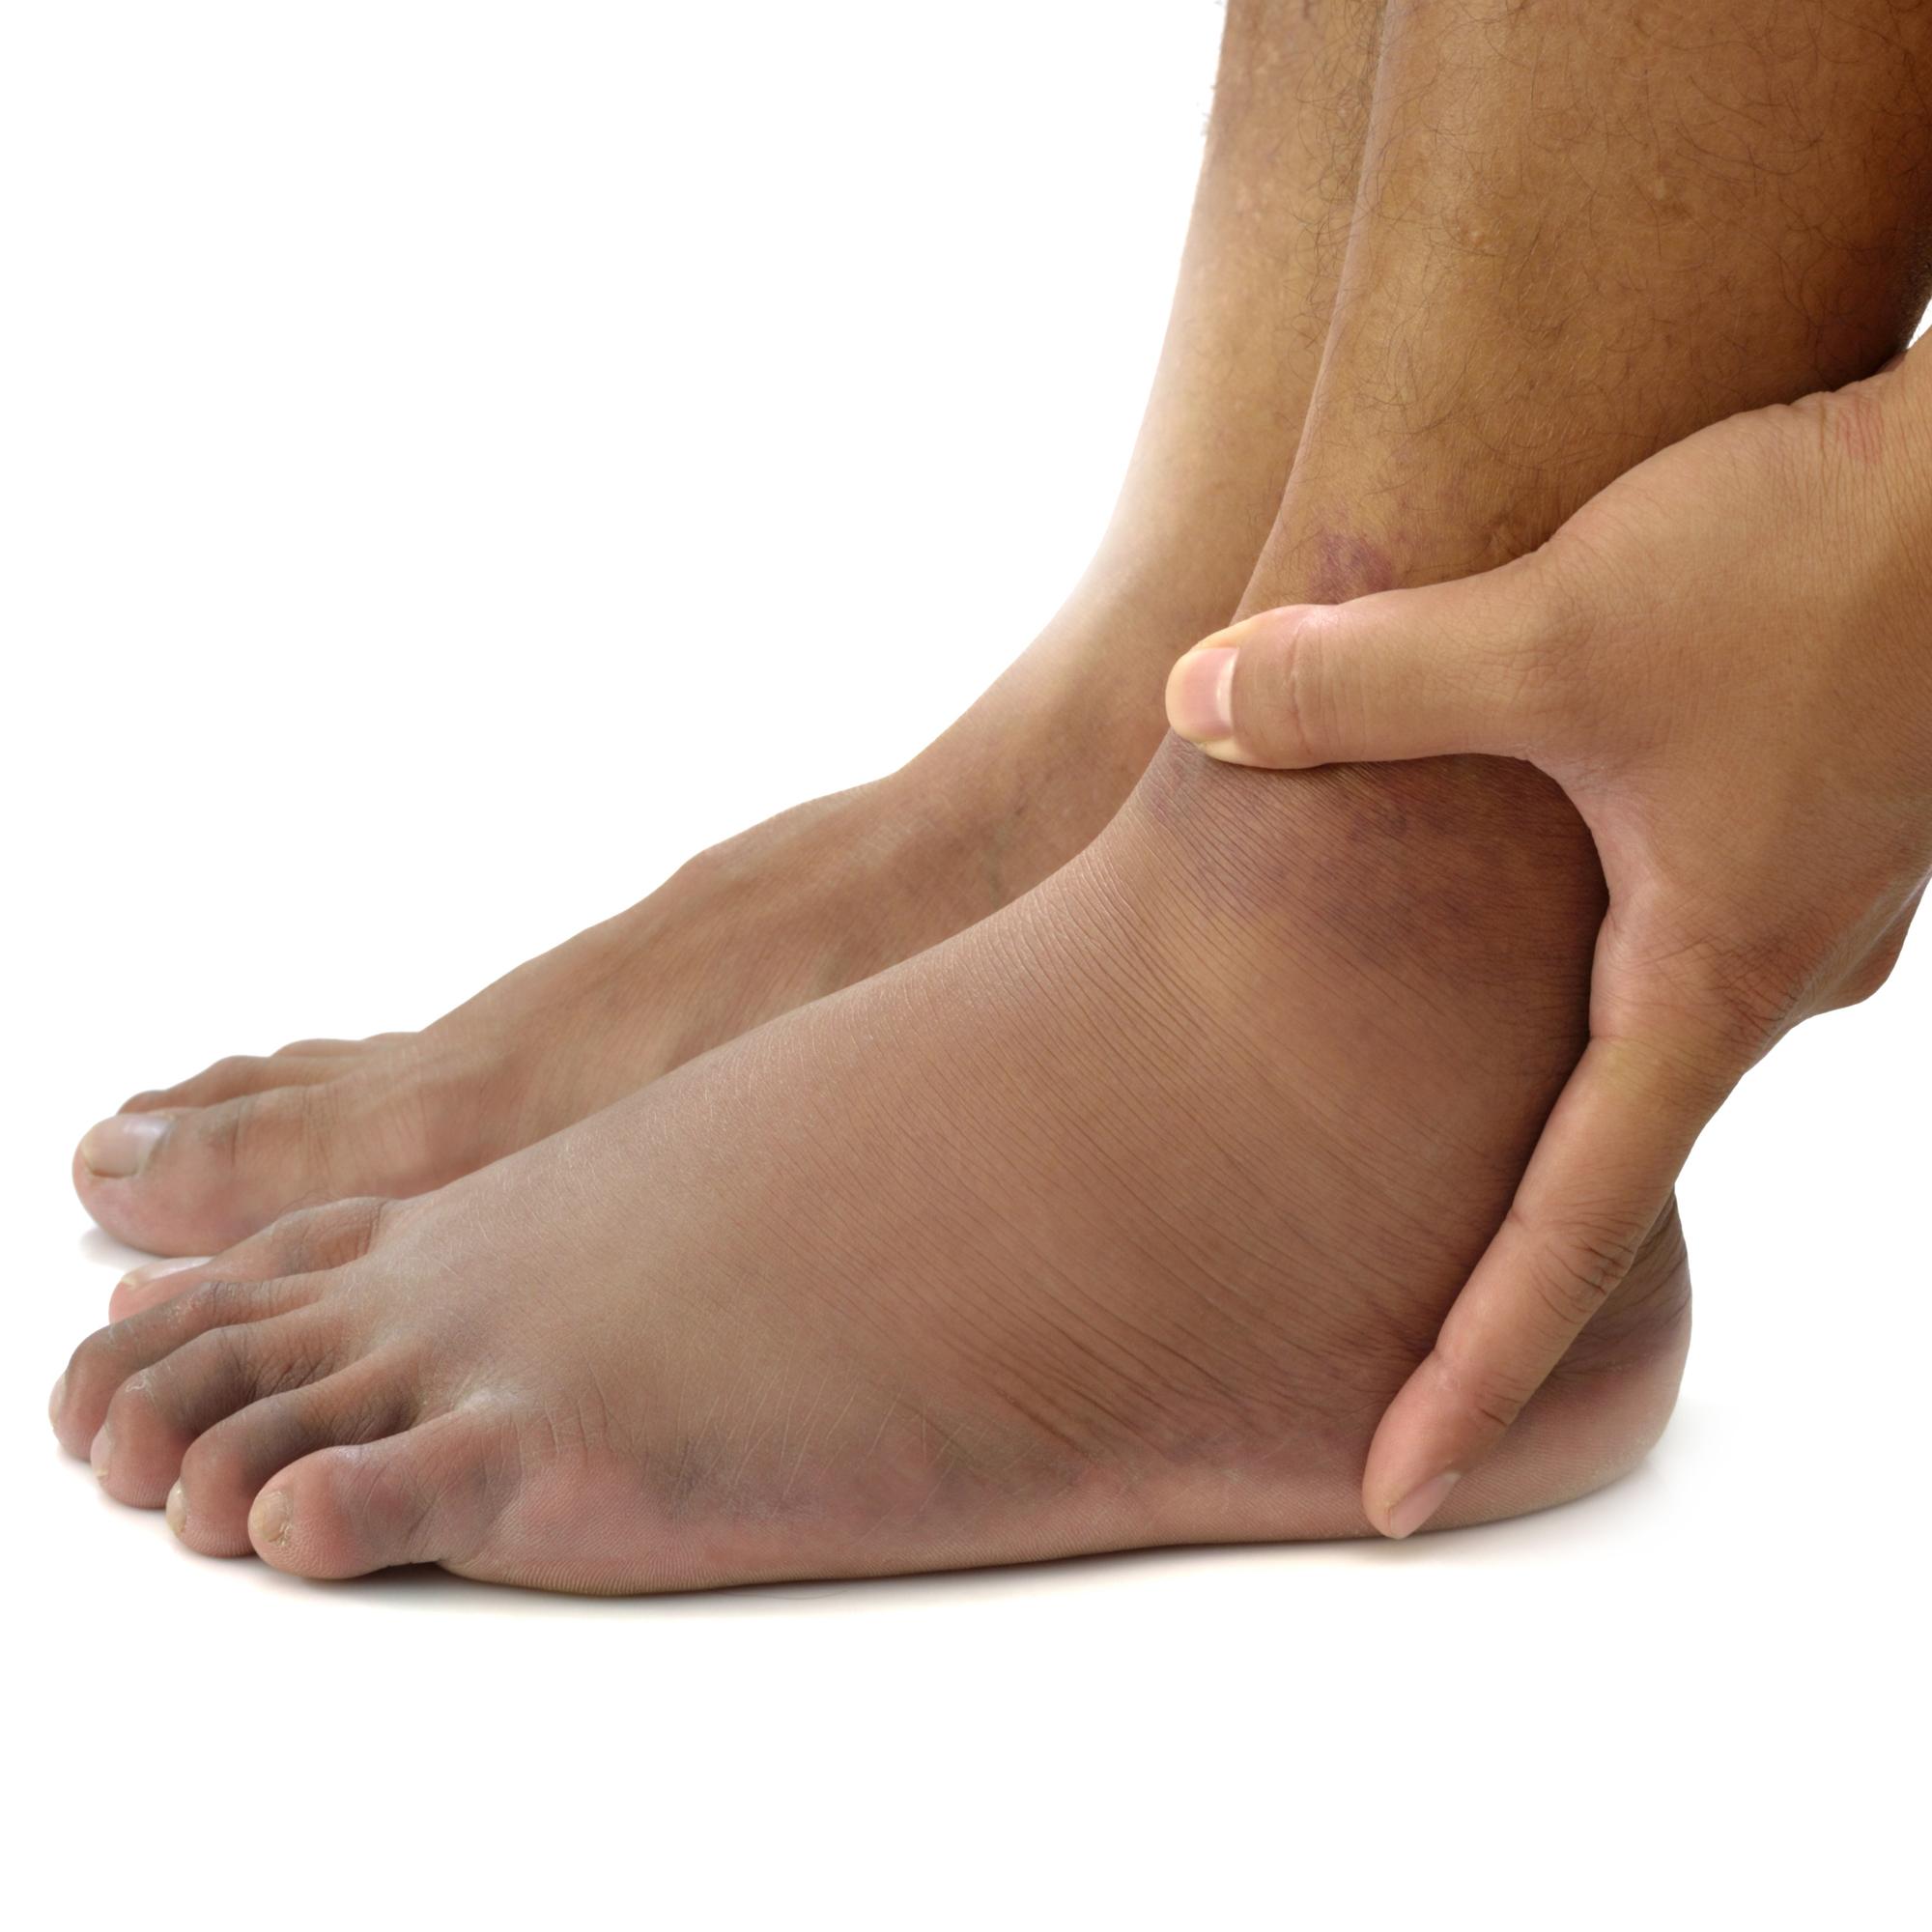 Swollen Ankle.jpg